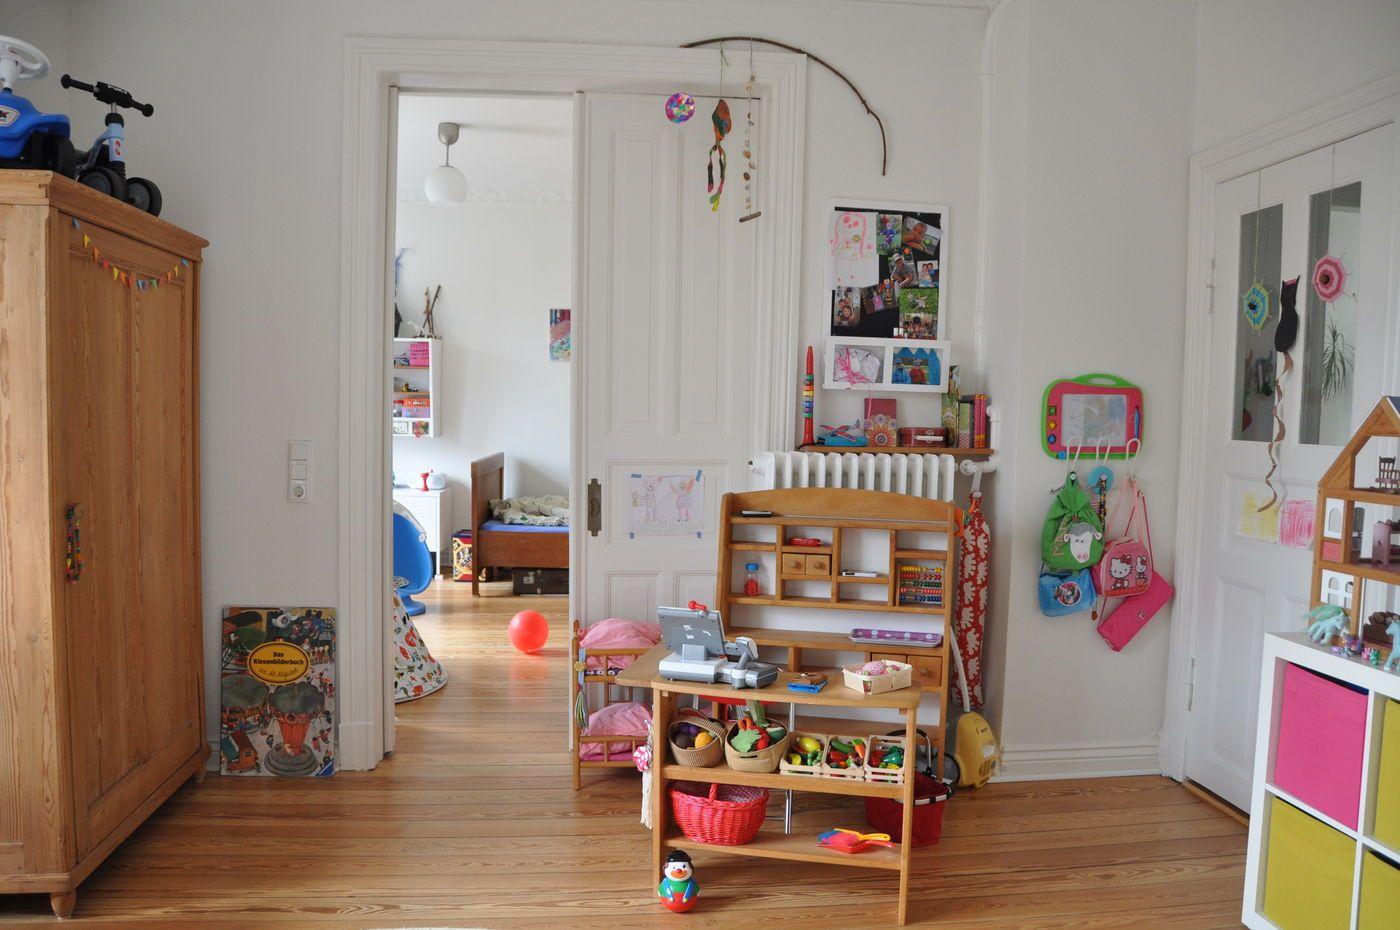 Zimmer einrichten die perfekte zimmergestaltung seite 34 for Zimmergestaltung kleines zimmer